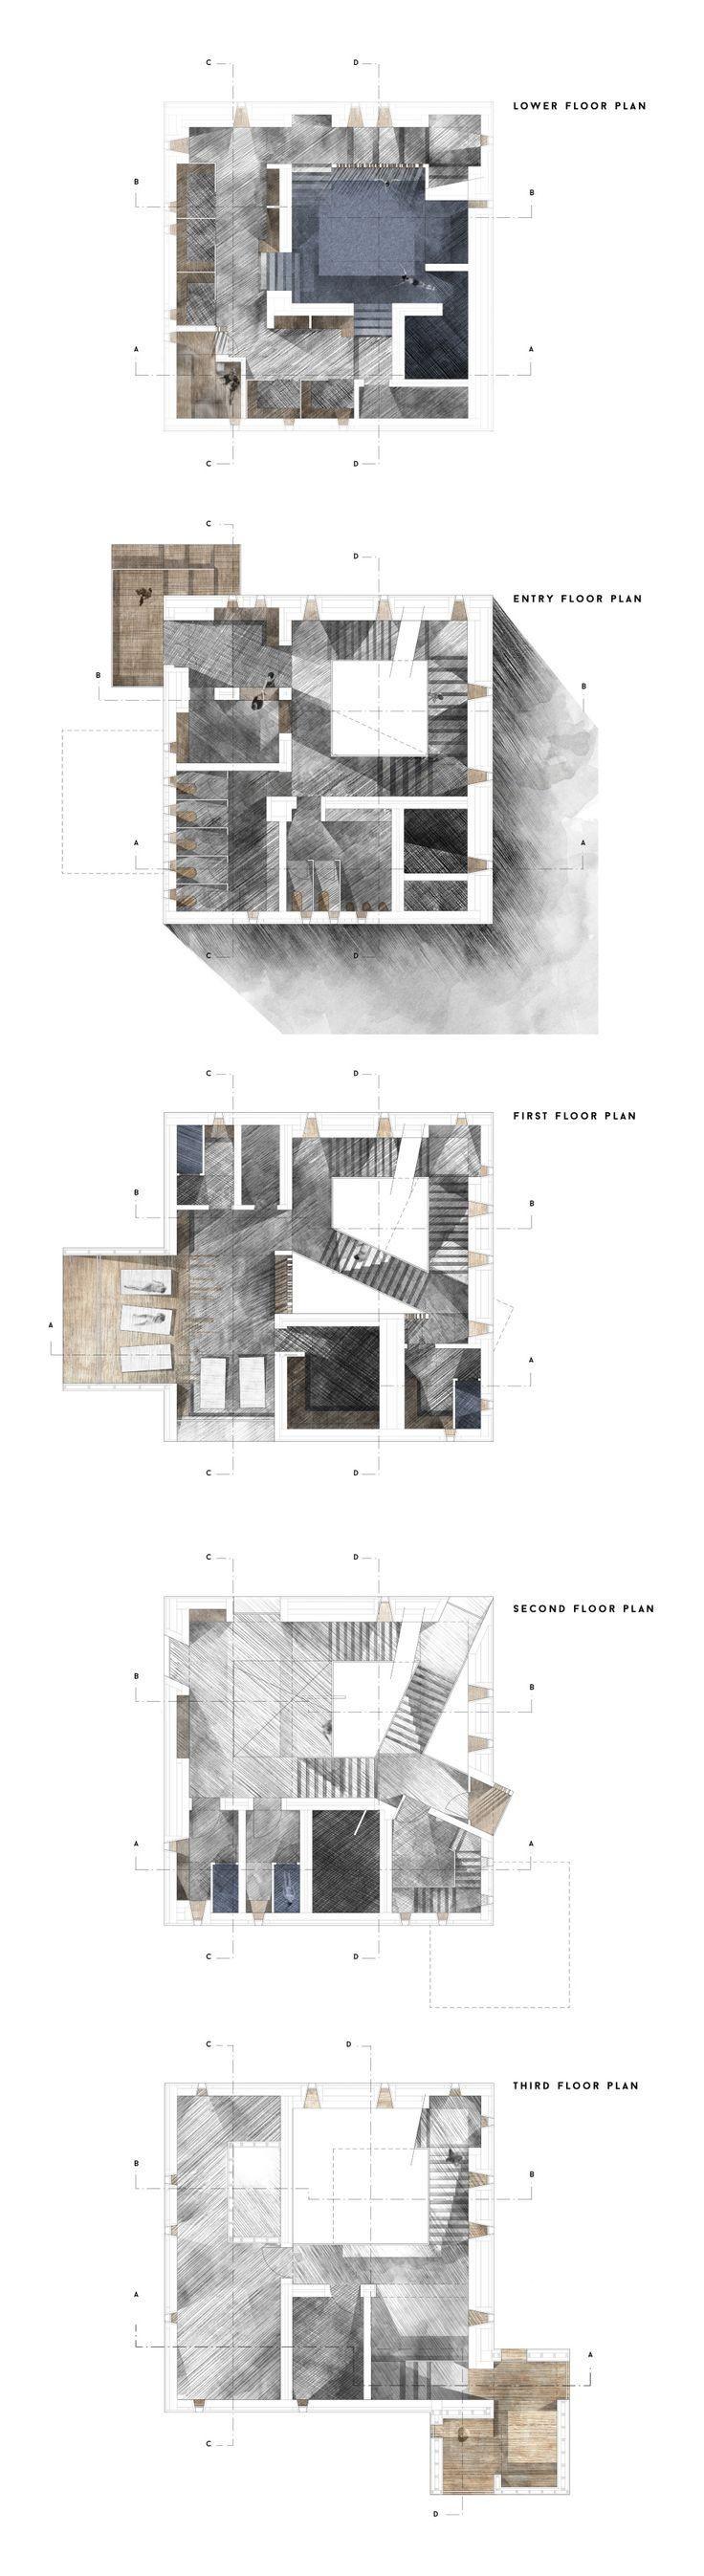 floor plans // Alex Kindlen Final Studio Project      ...